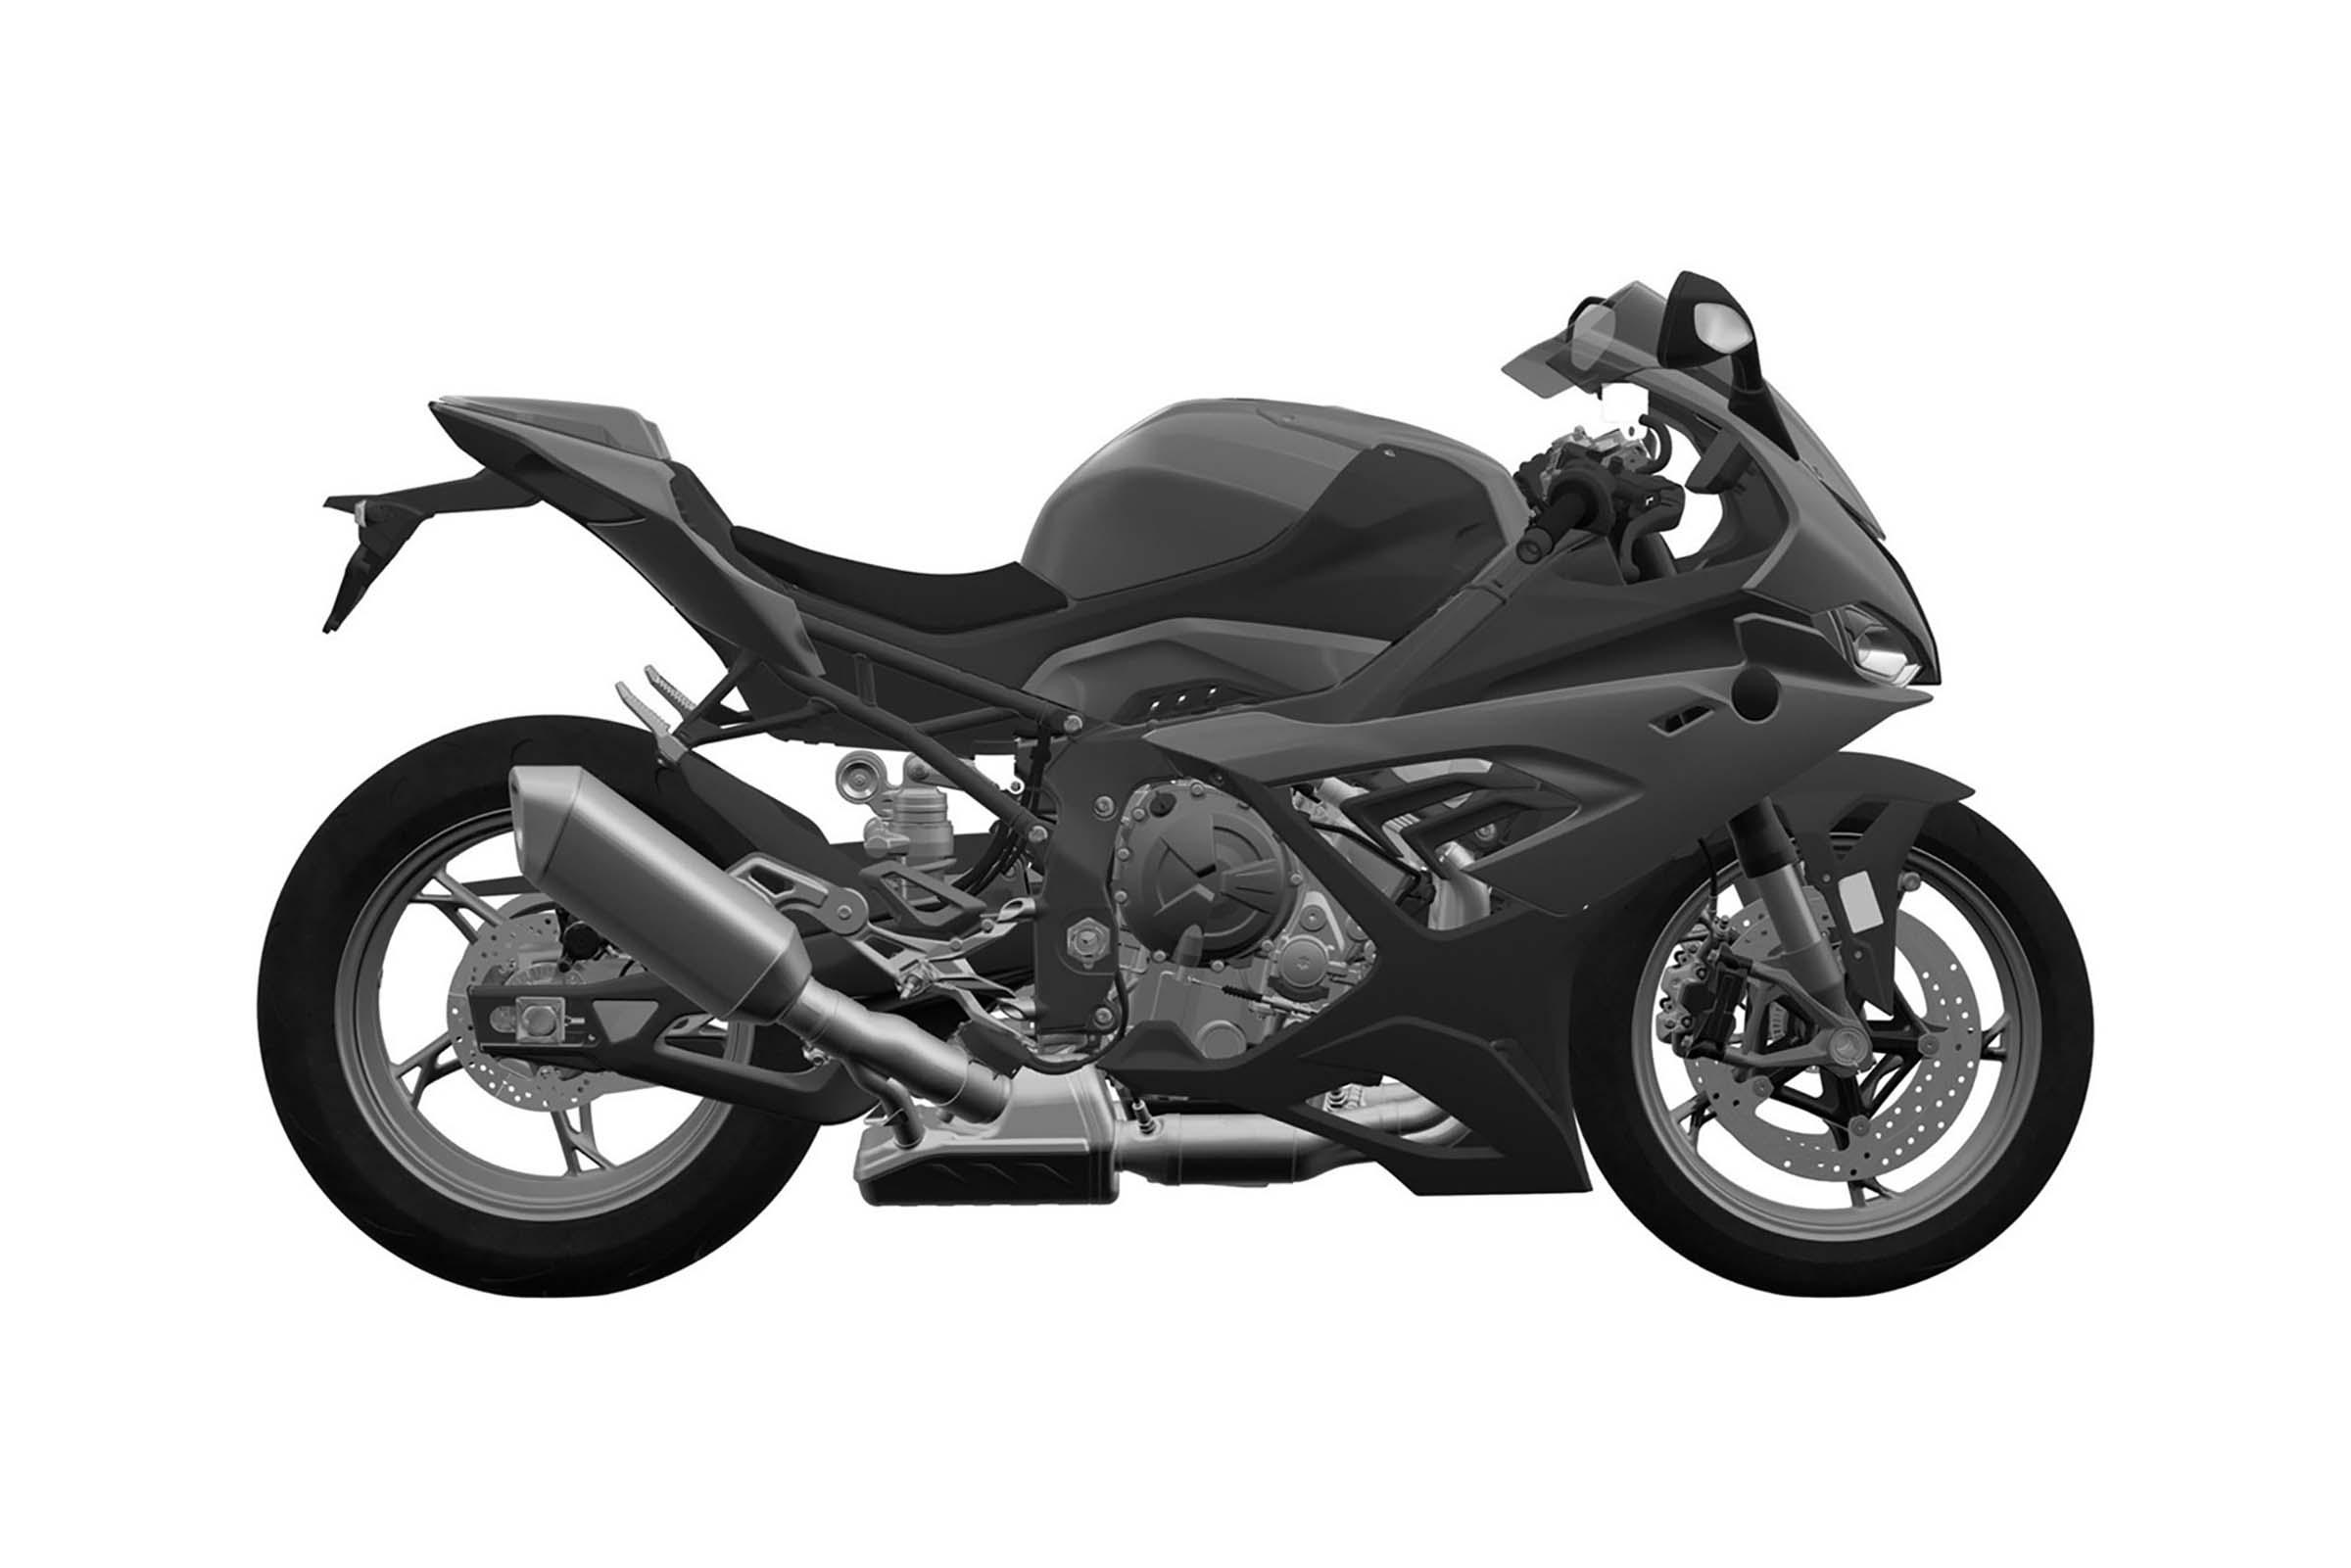 Design Patents Show Off 2019 Bmw S1000rr Superbike Asphalt Rubber